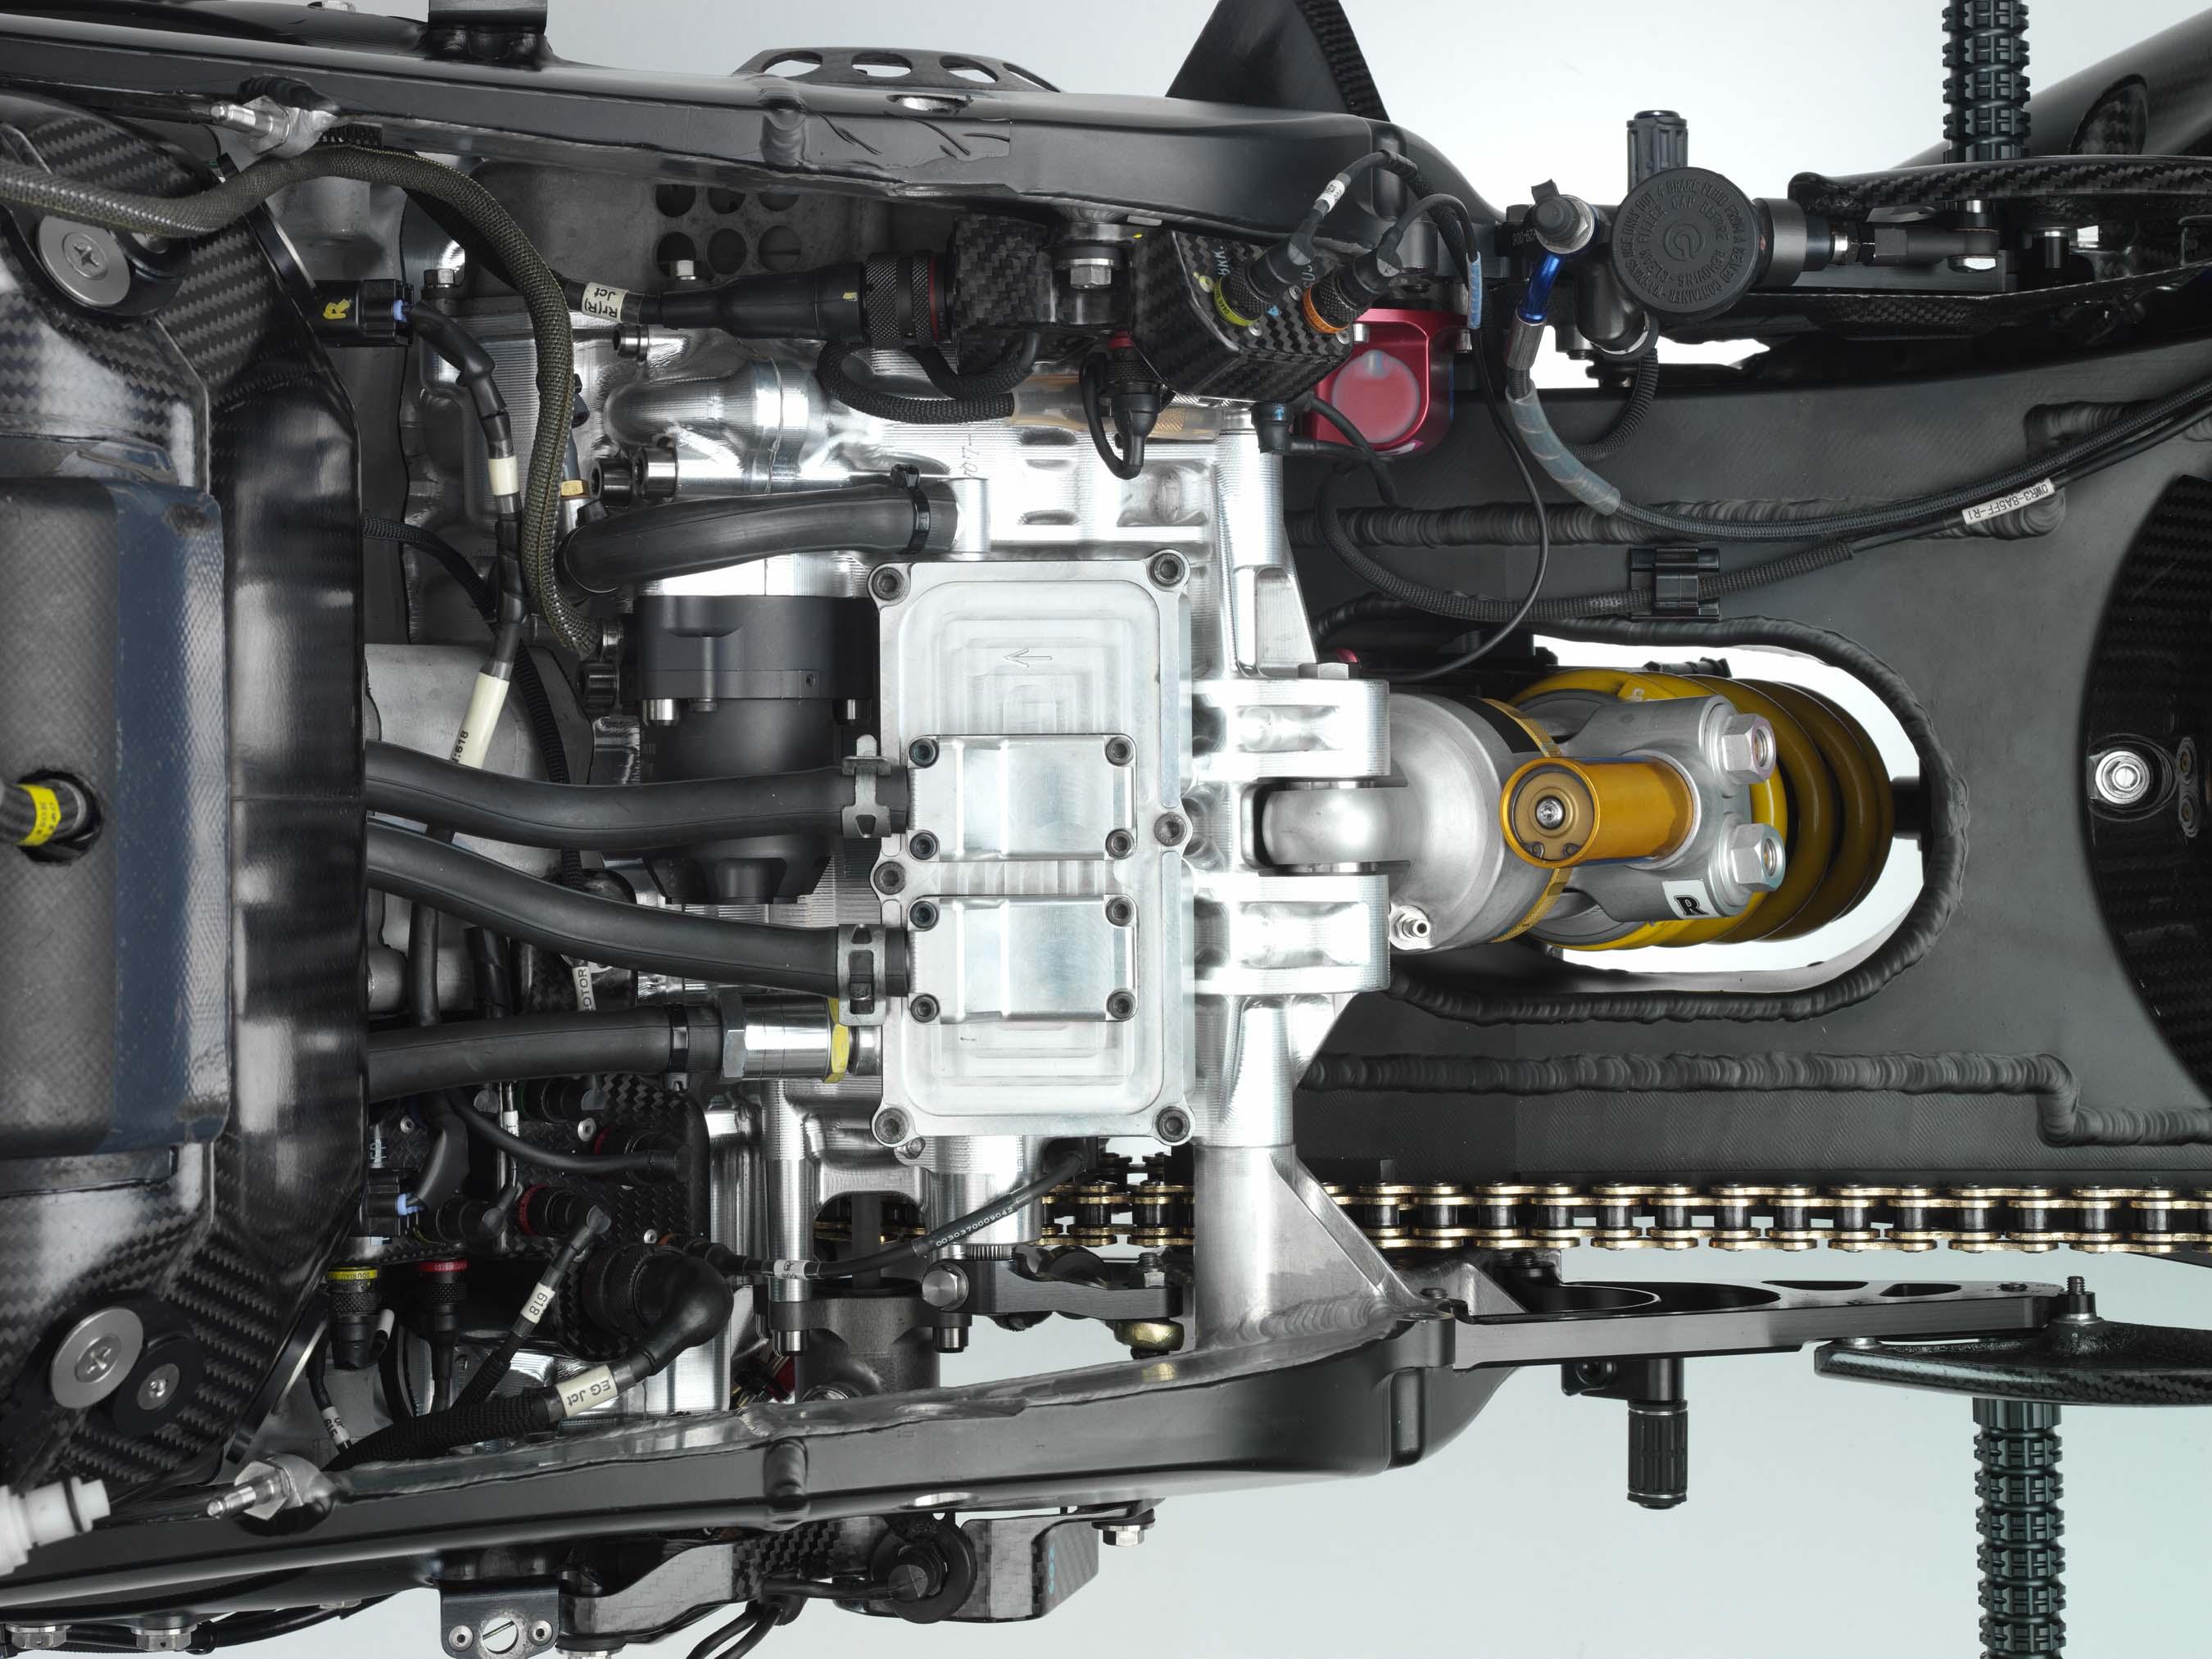 Yamaha M1 Valentino-Rossi-2006-Yamaha-YZR-M1-hi-res-08